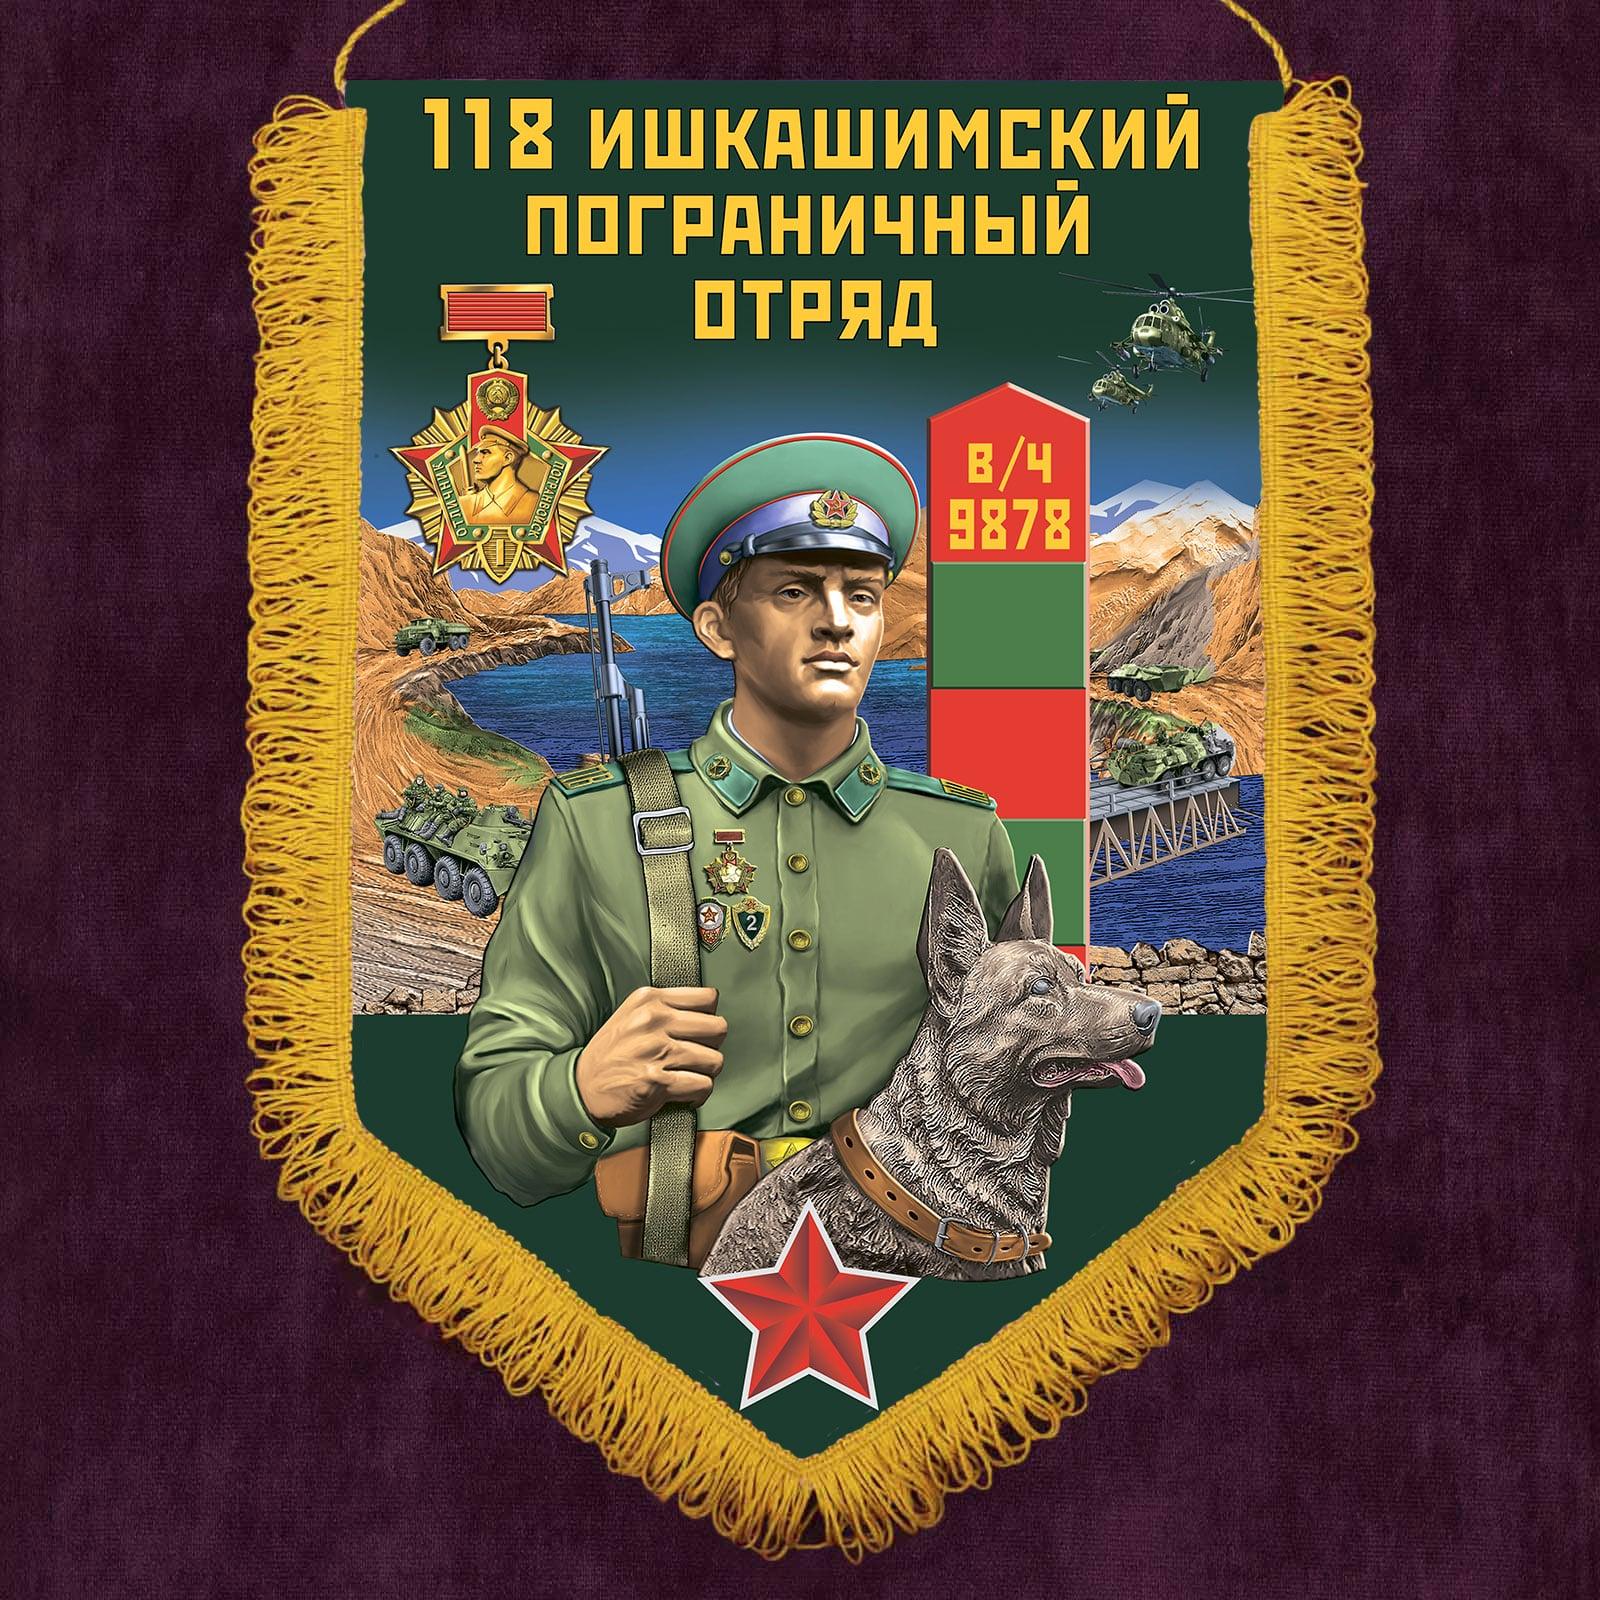 """Настенный вымпел """"Ишкашимский пограничный отряд"""""""